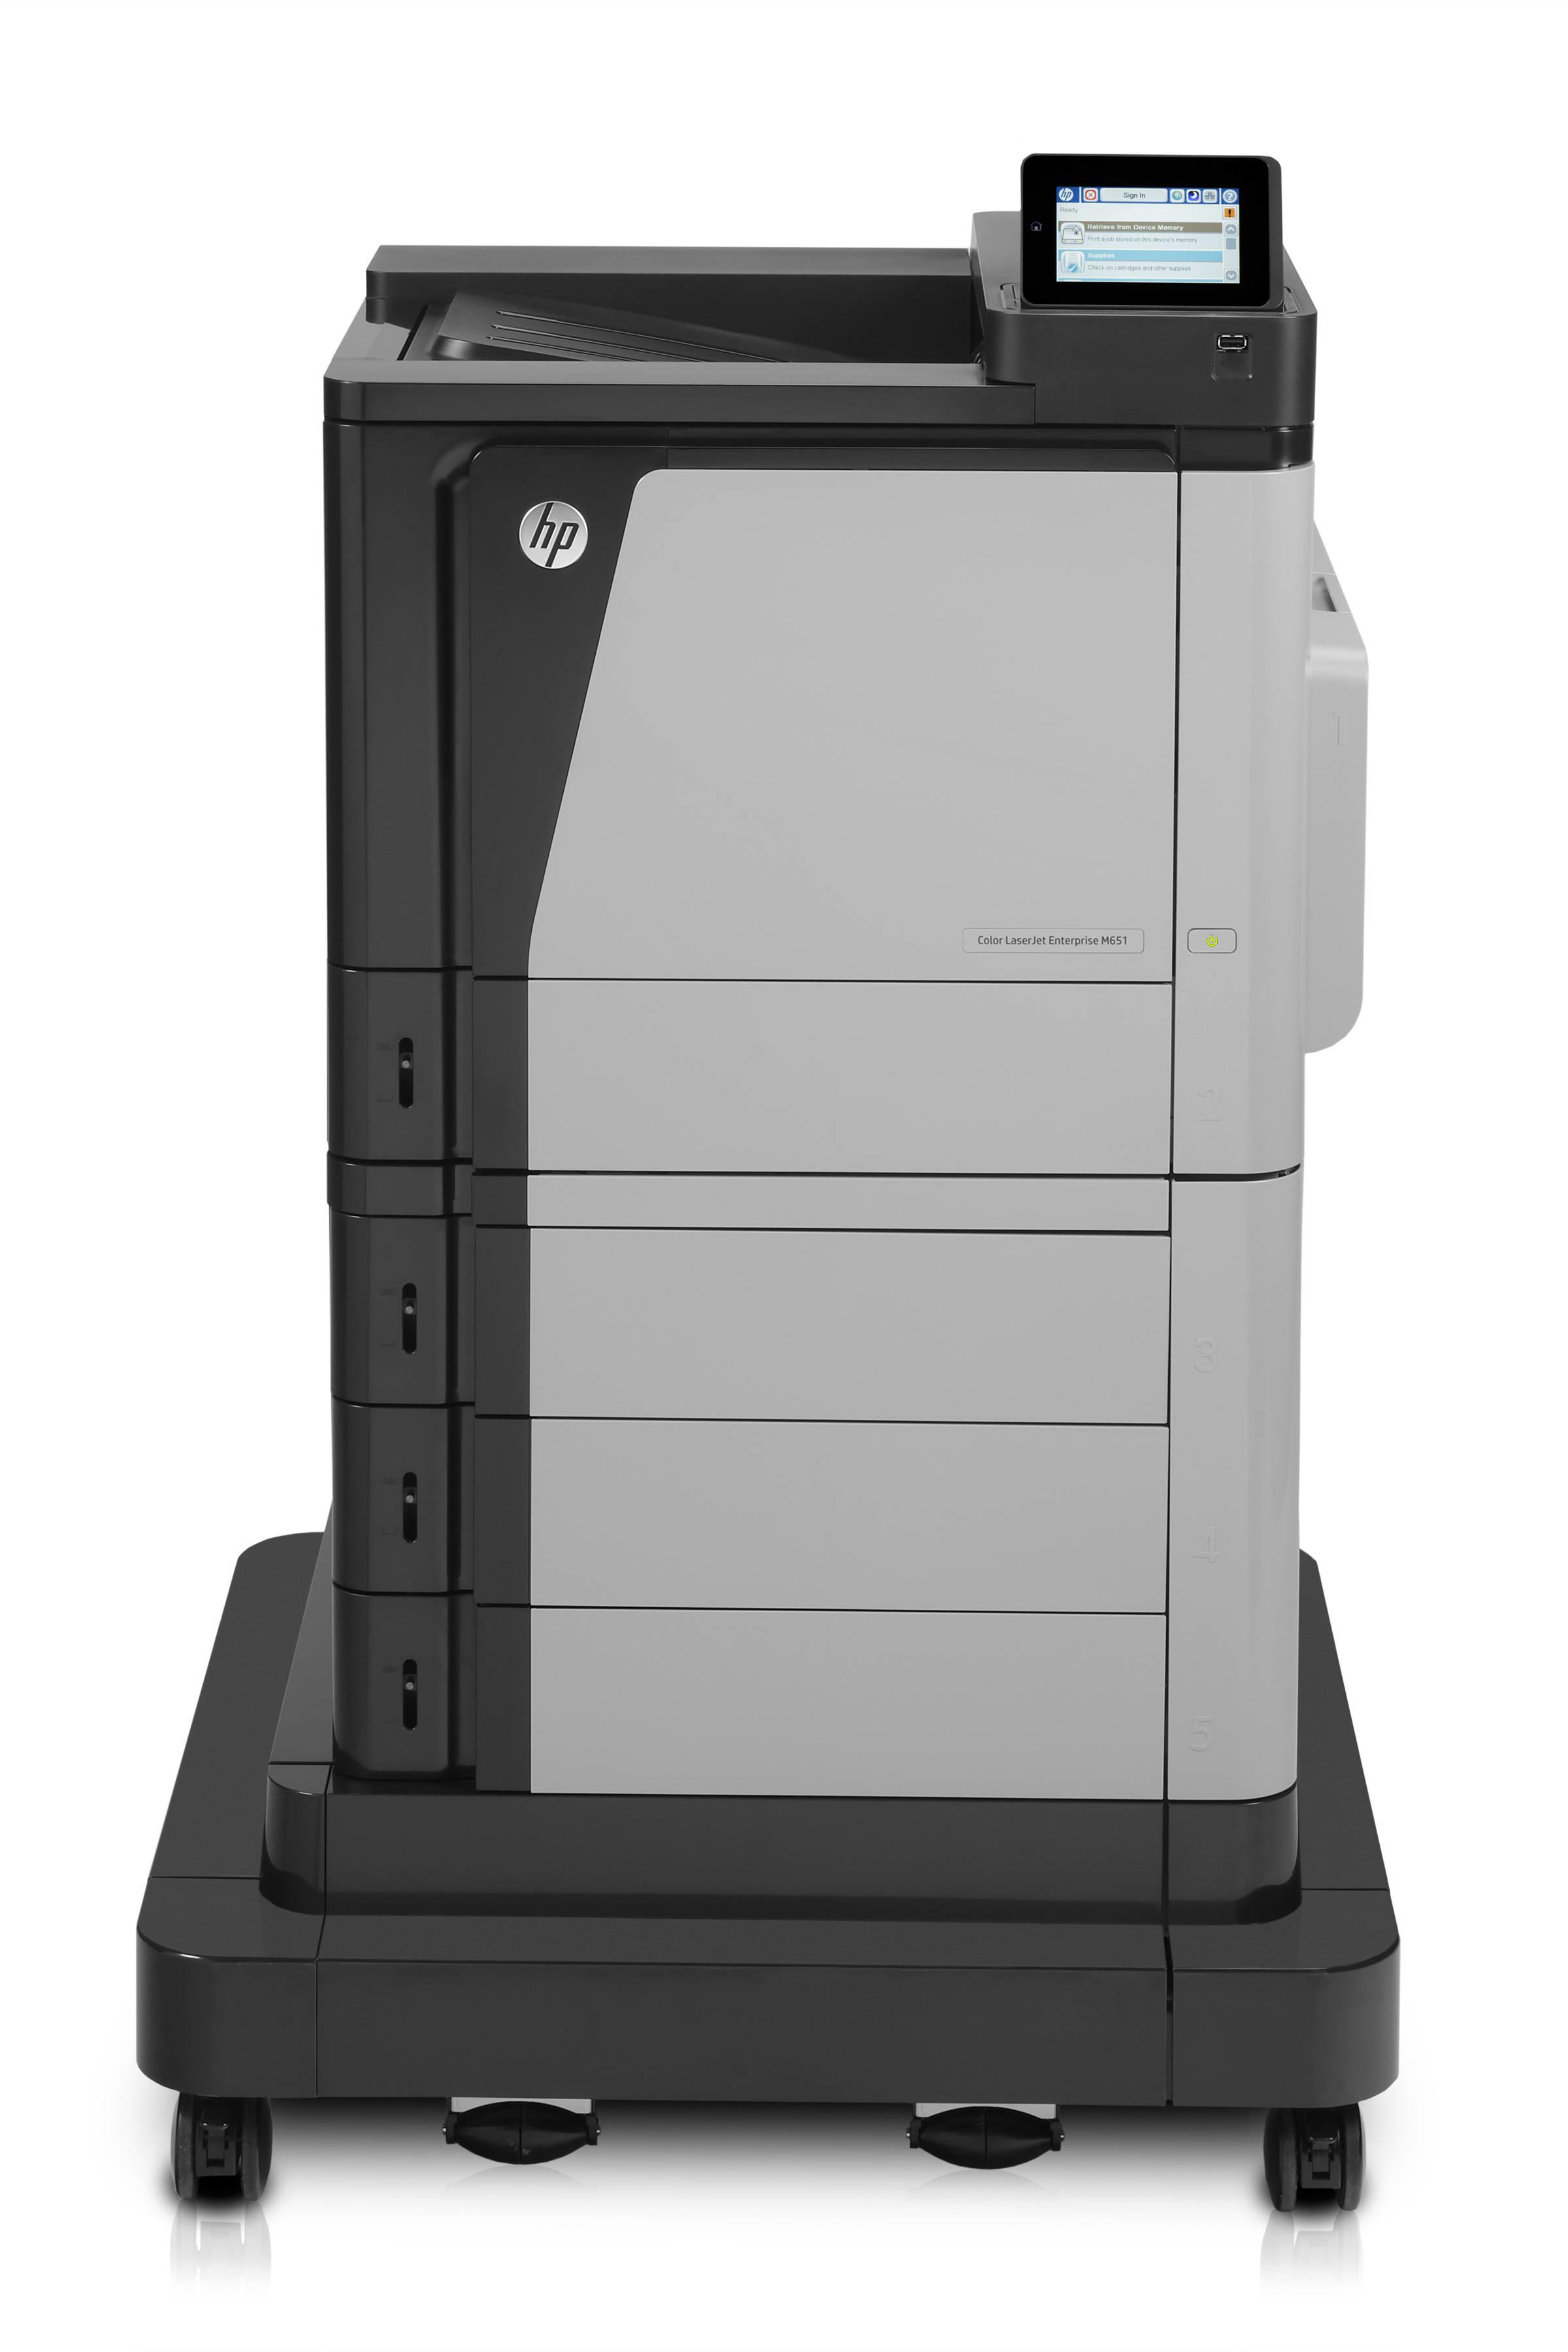 HP Colour Laserjet Enterprise M651XH Printer CZ257A - Refurbished